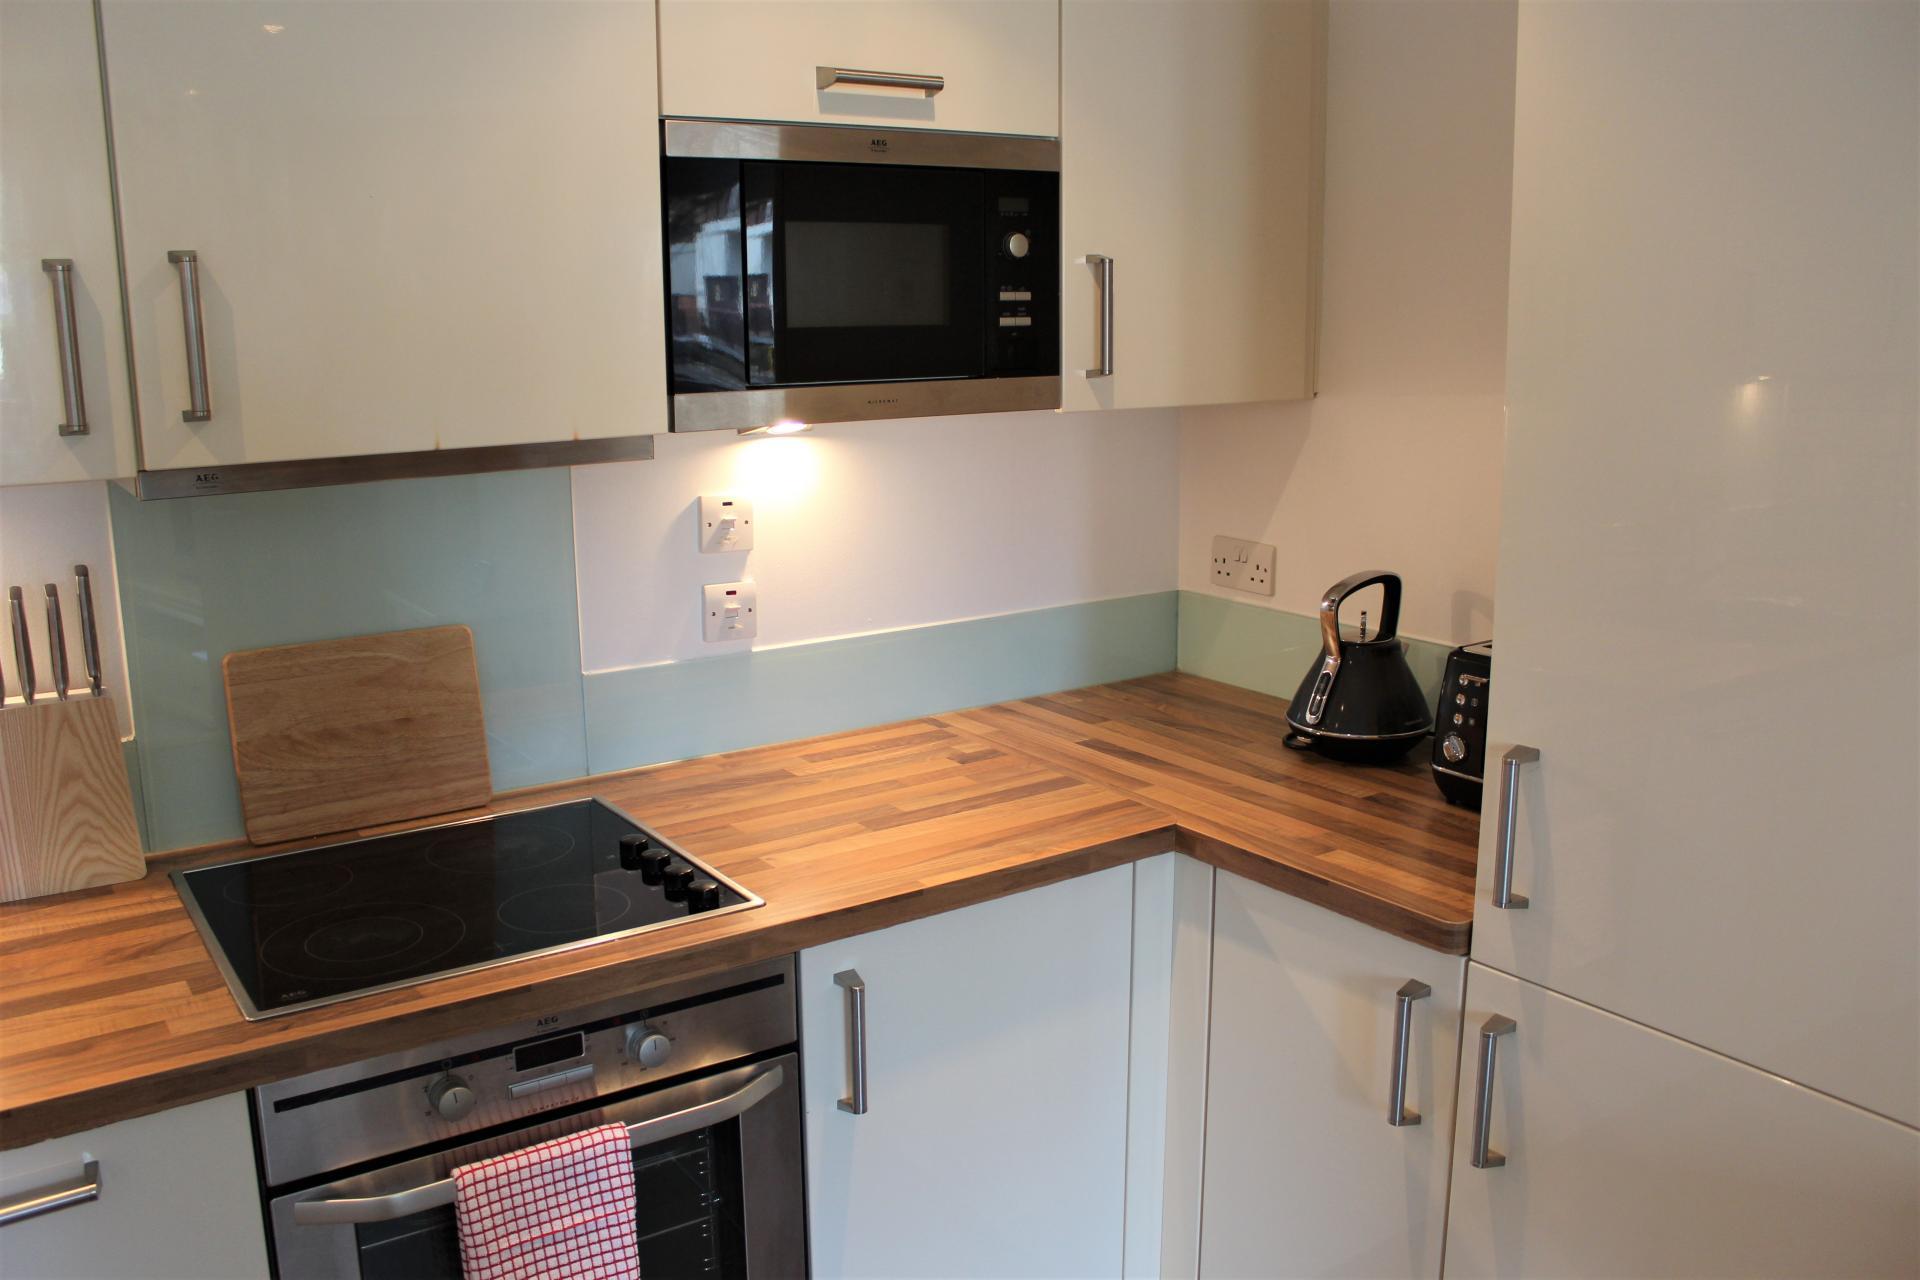 Kitchen at Gunwharf Quays Apartments, Gunwharf Quays, Portsmouth